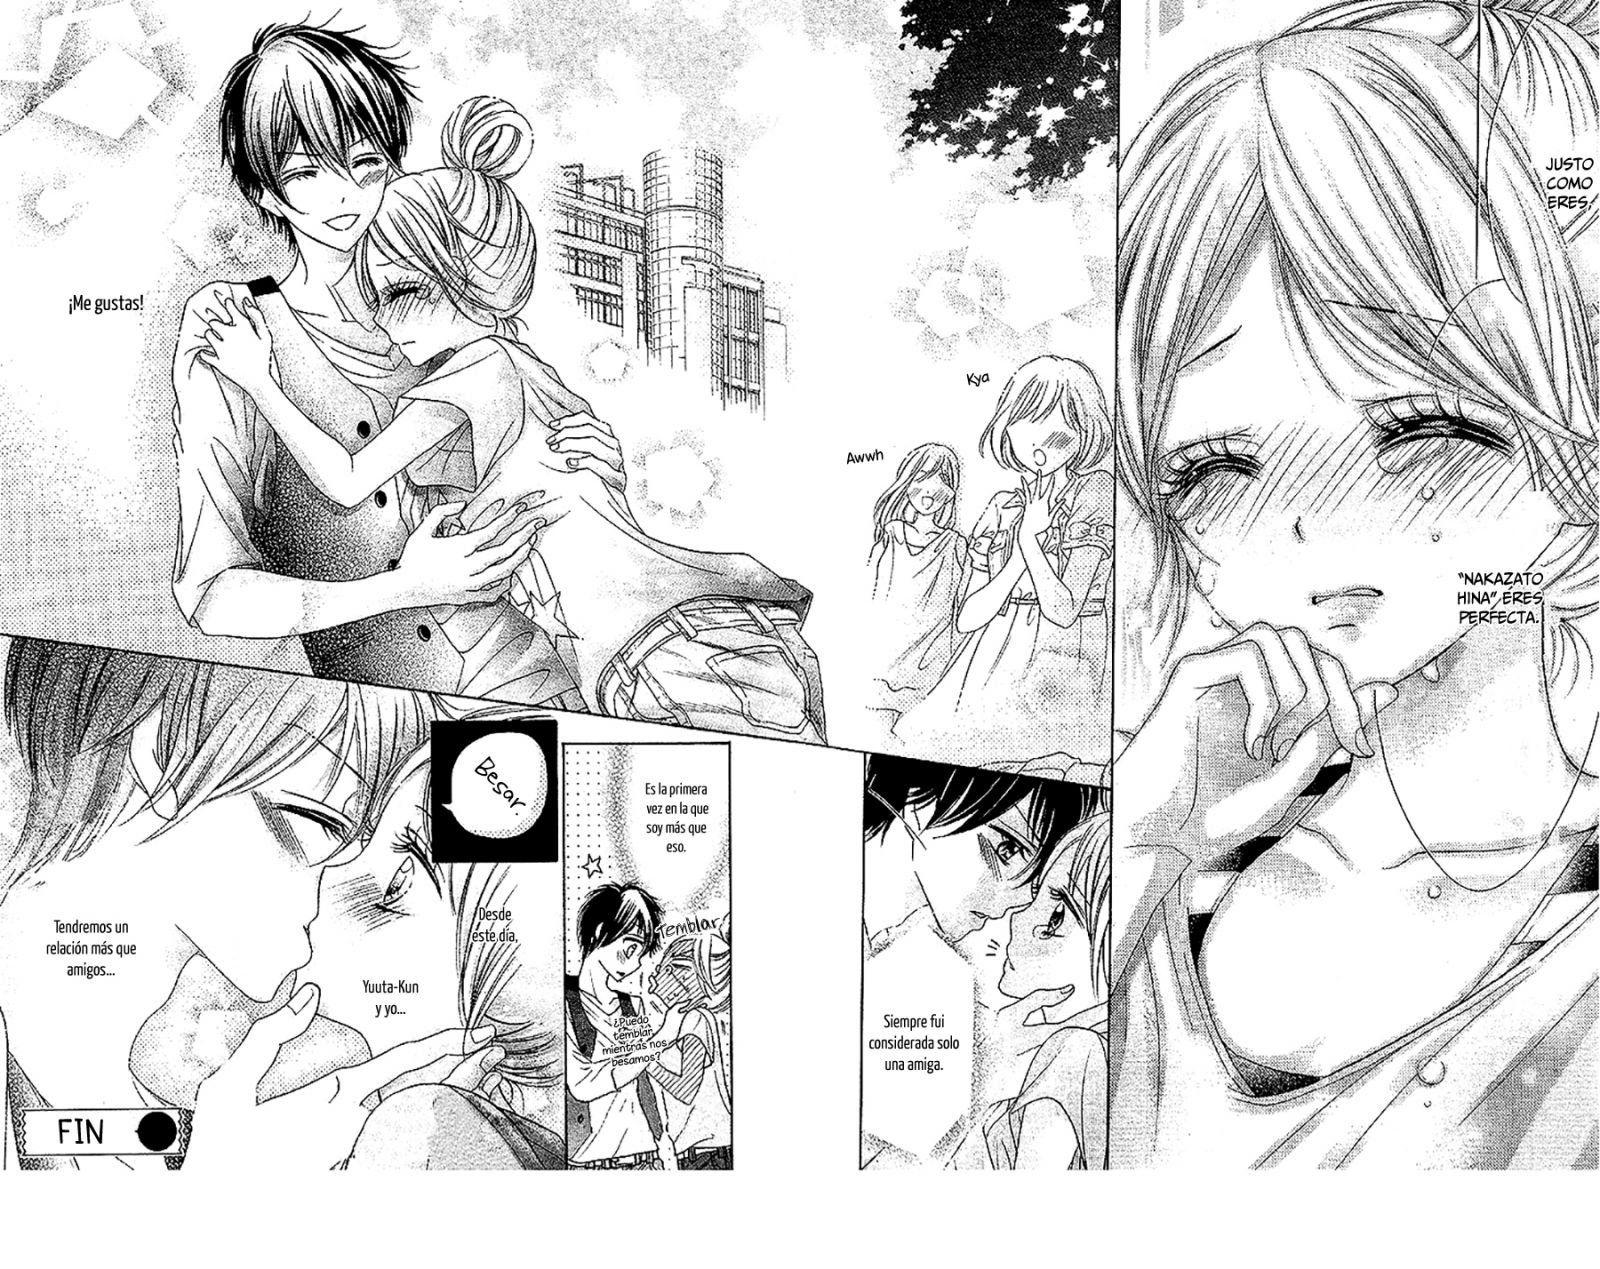 Too Many Reasons I Am Unpopular Capítulo 0 Página 33 Too Many Reasons I Am Unpopular Manga Español Lectura Too Many Reasons Mangá Romance Mangá Shoujo Anime